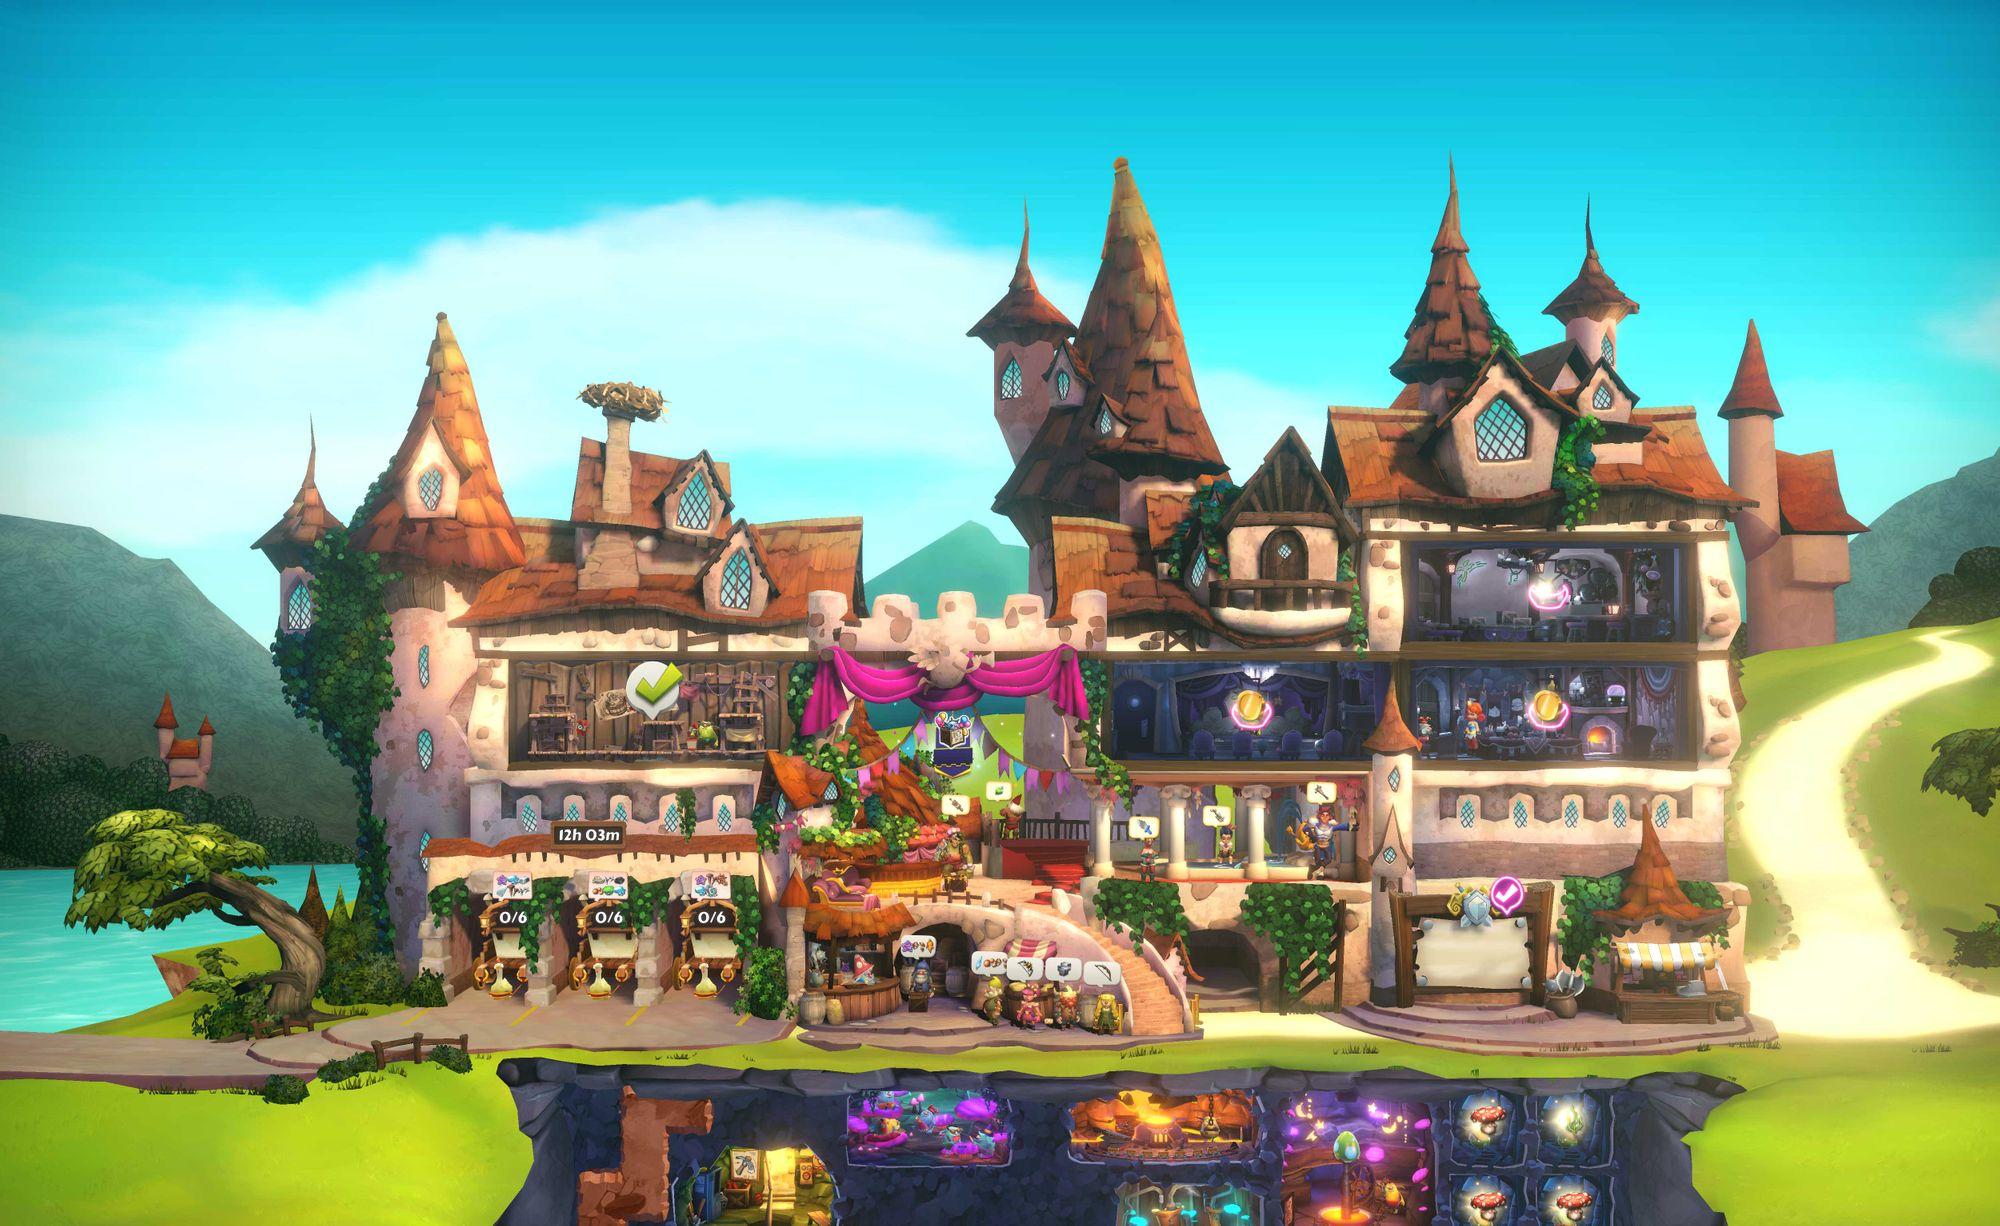 Baue deine ultimative Fantasy-Burg